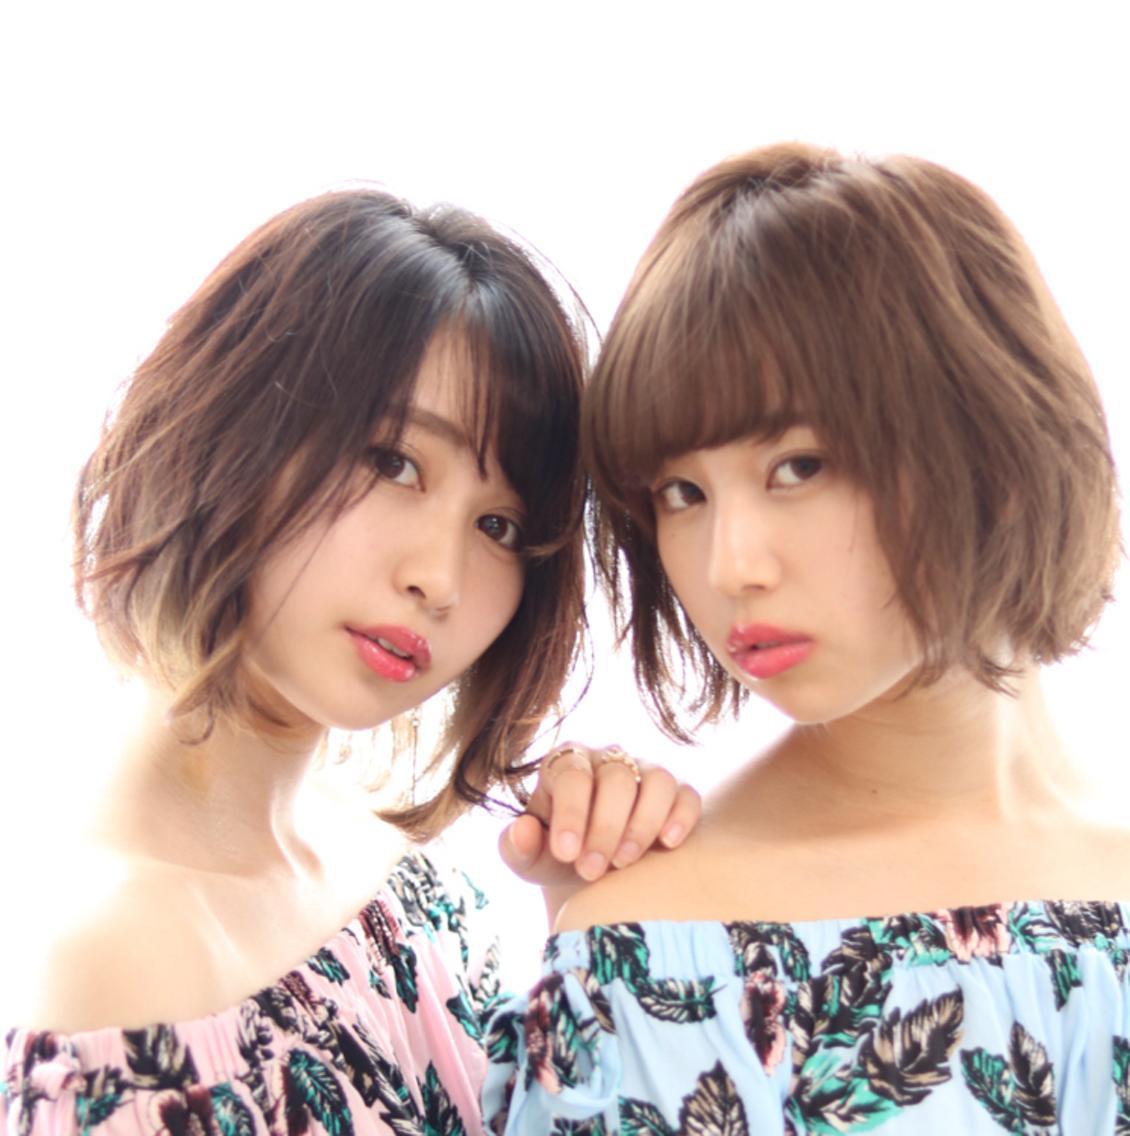 minimo特別プライス♪♪新規指名No.1☆【柔らかな質感】【透明感】スタイル◎